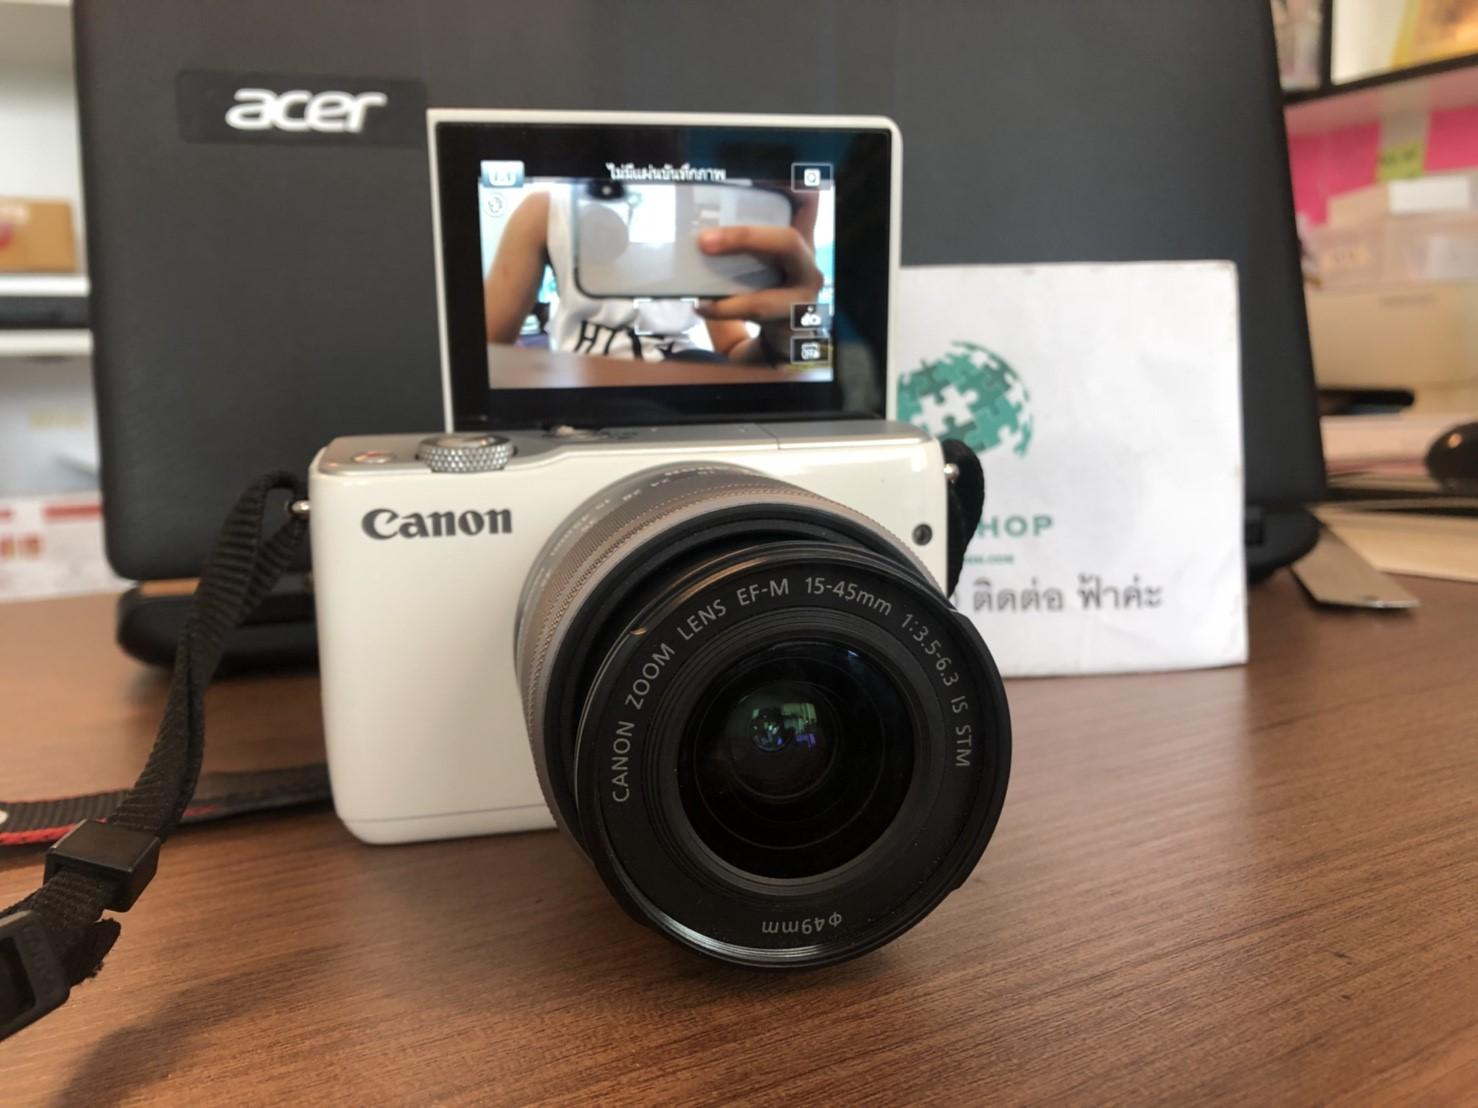 JMM-174 ขายกล้องมือสอง Canon EOS M10